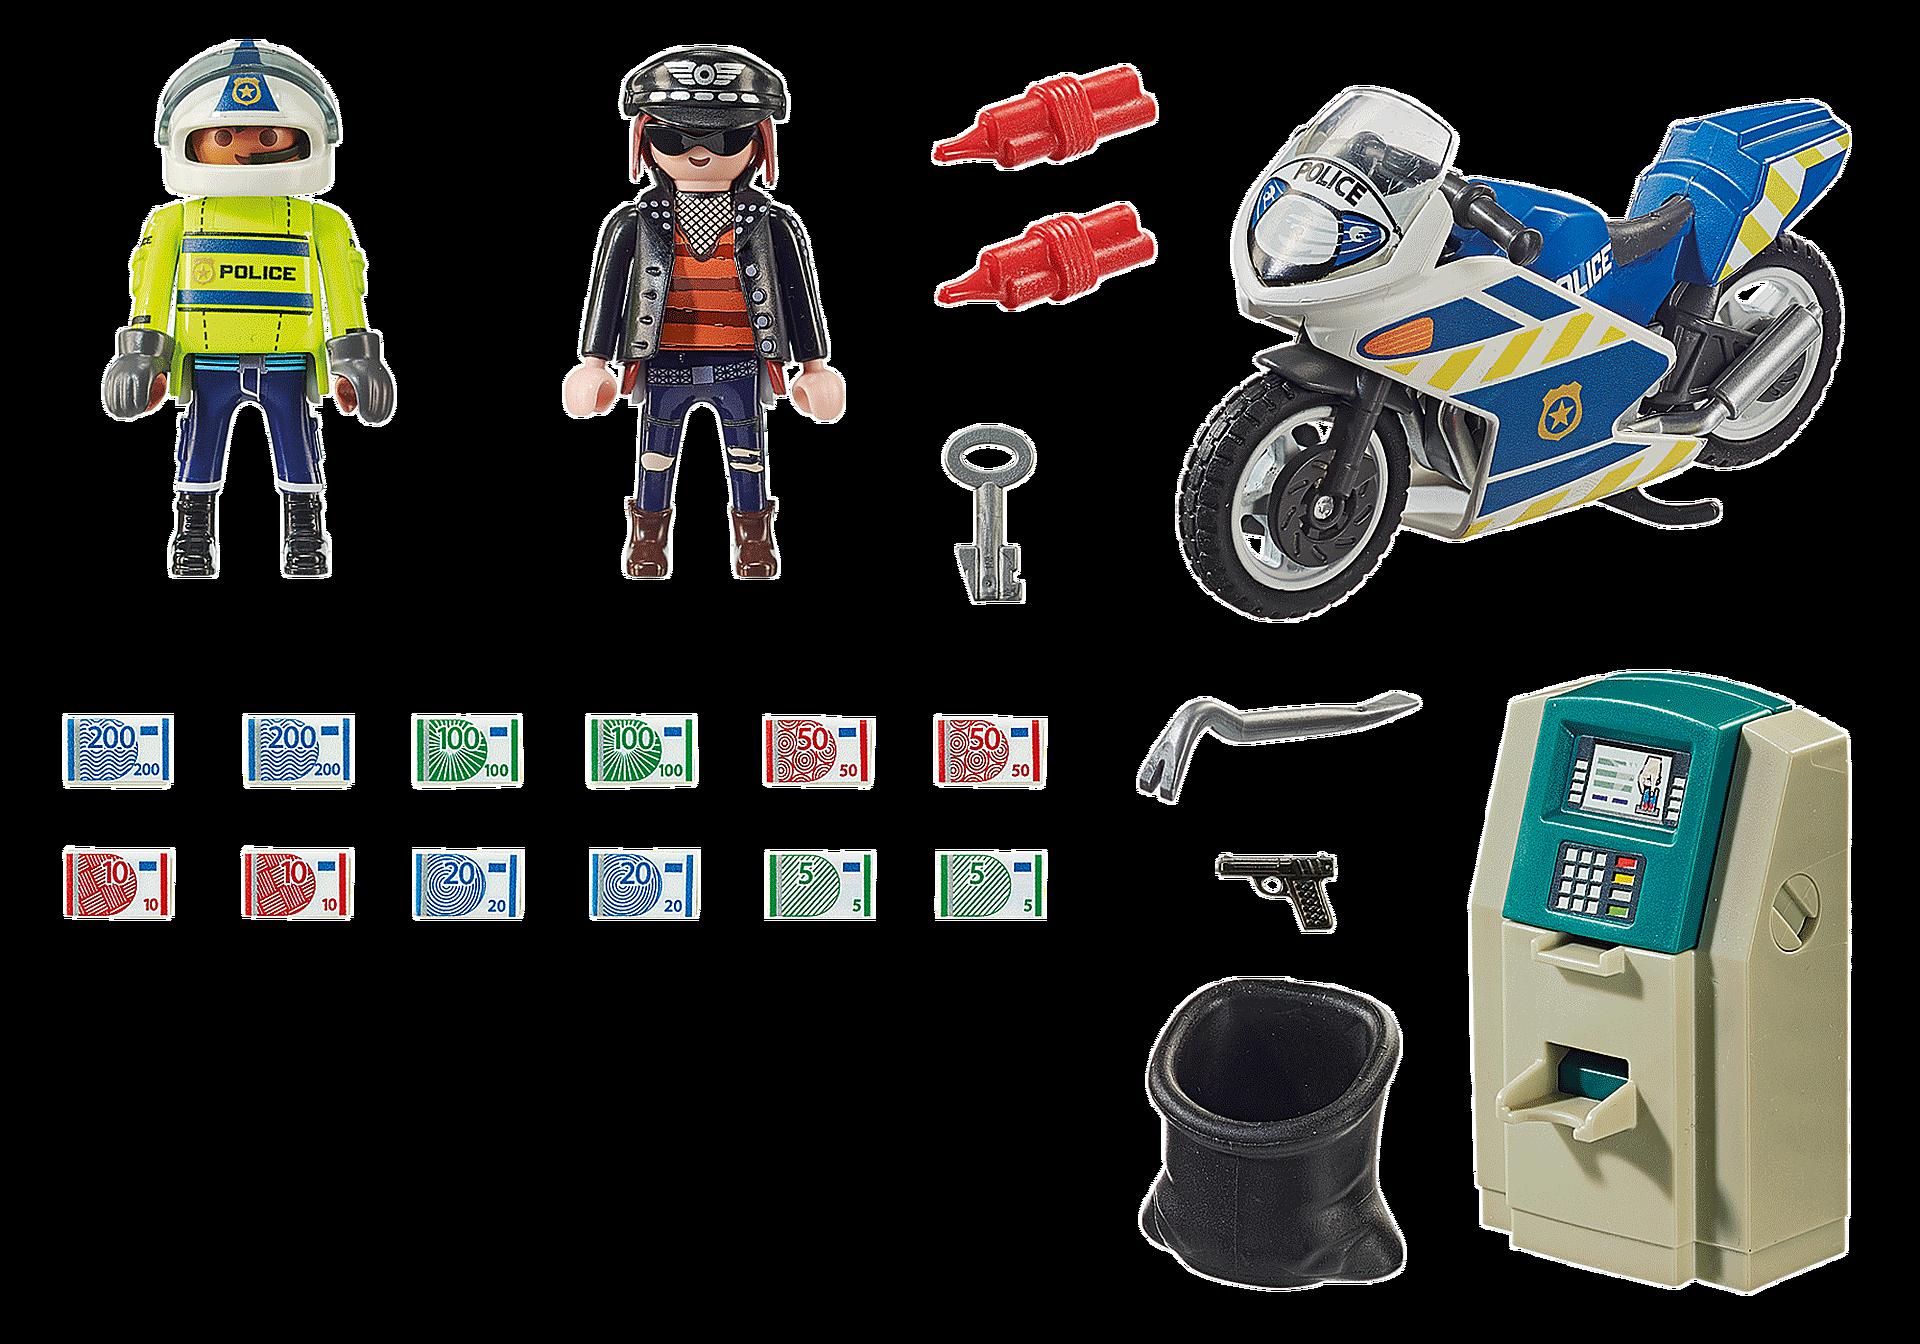 70572 Moto de Policía: persecución del ladrón de dinero zoom image3